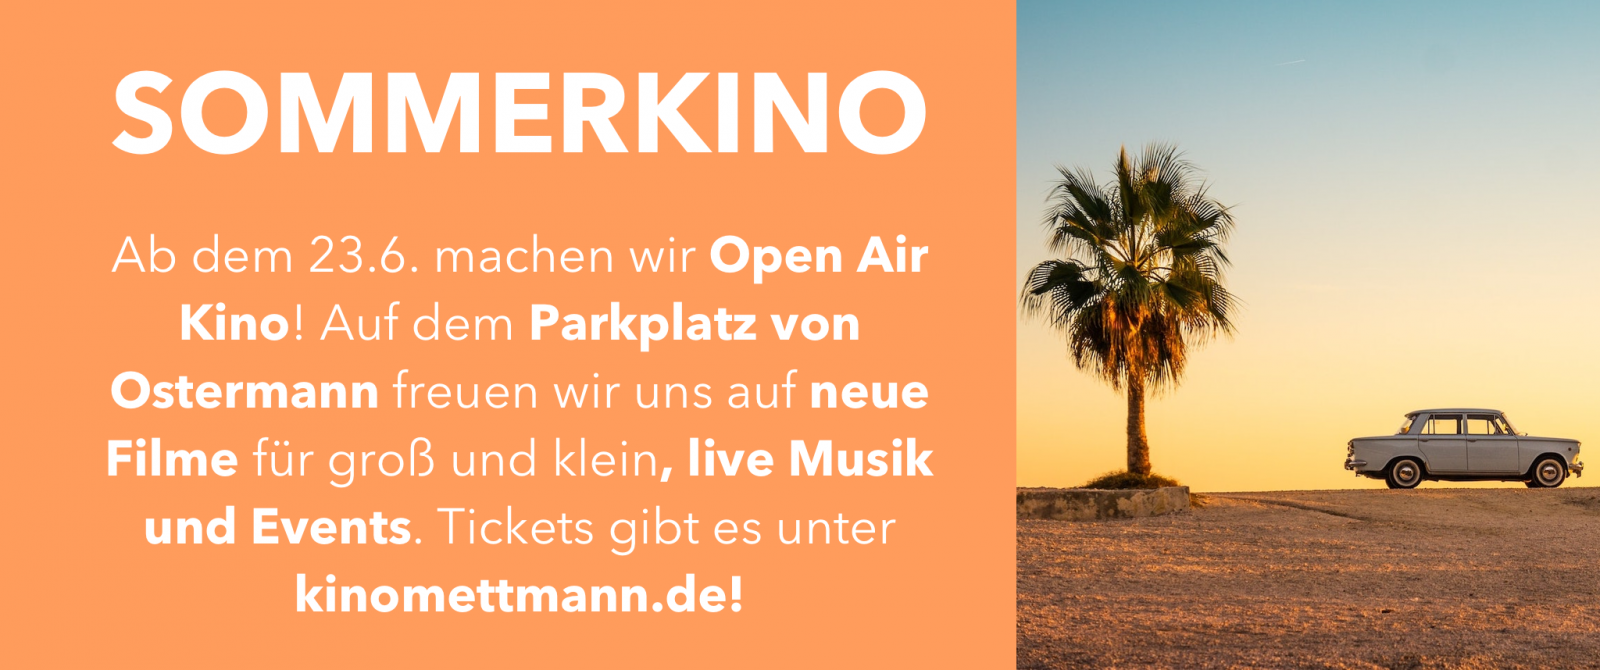 Sommerkino Tickets und Programm